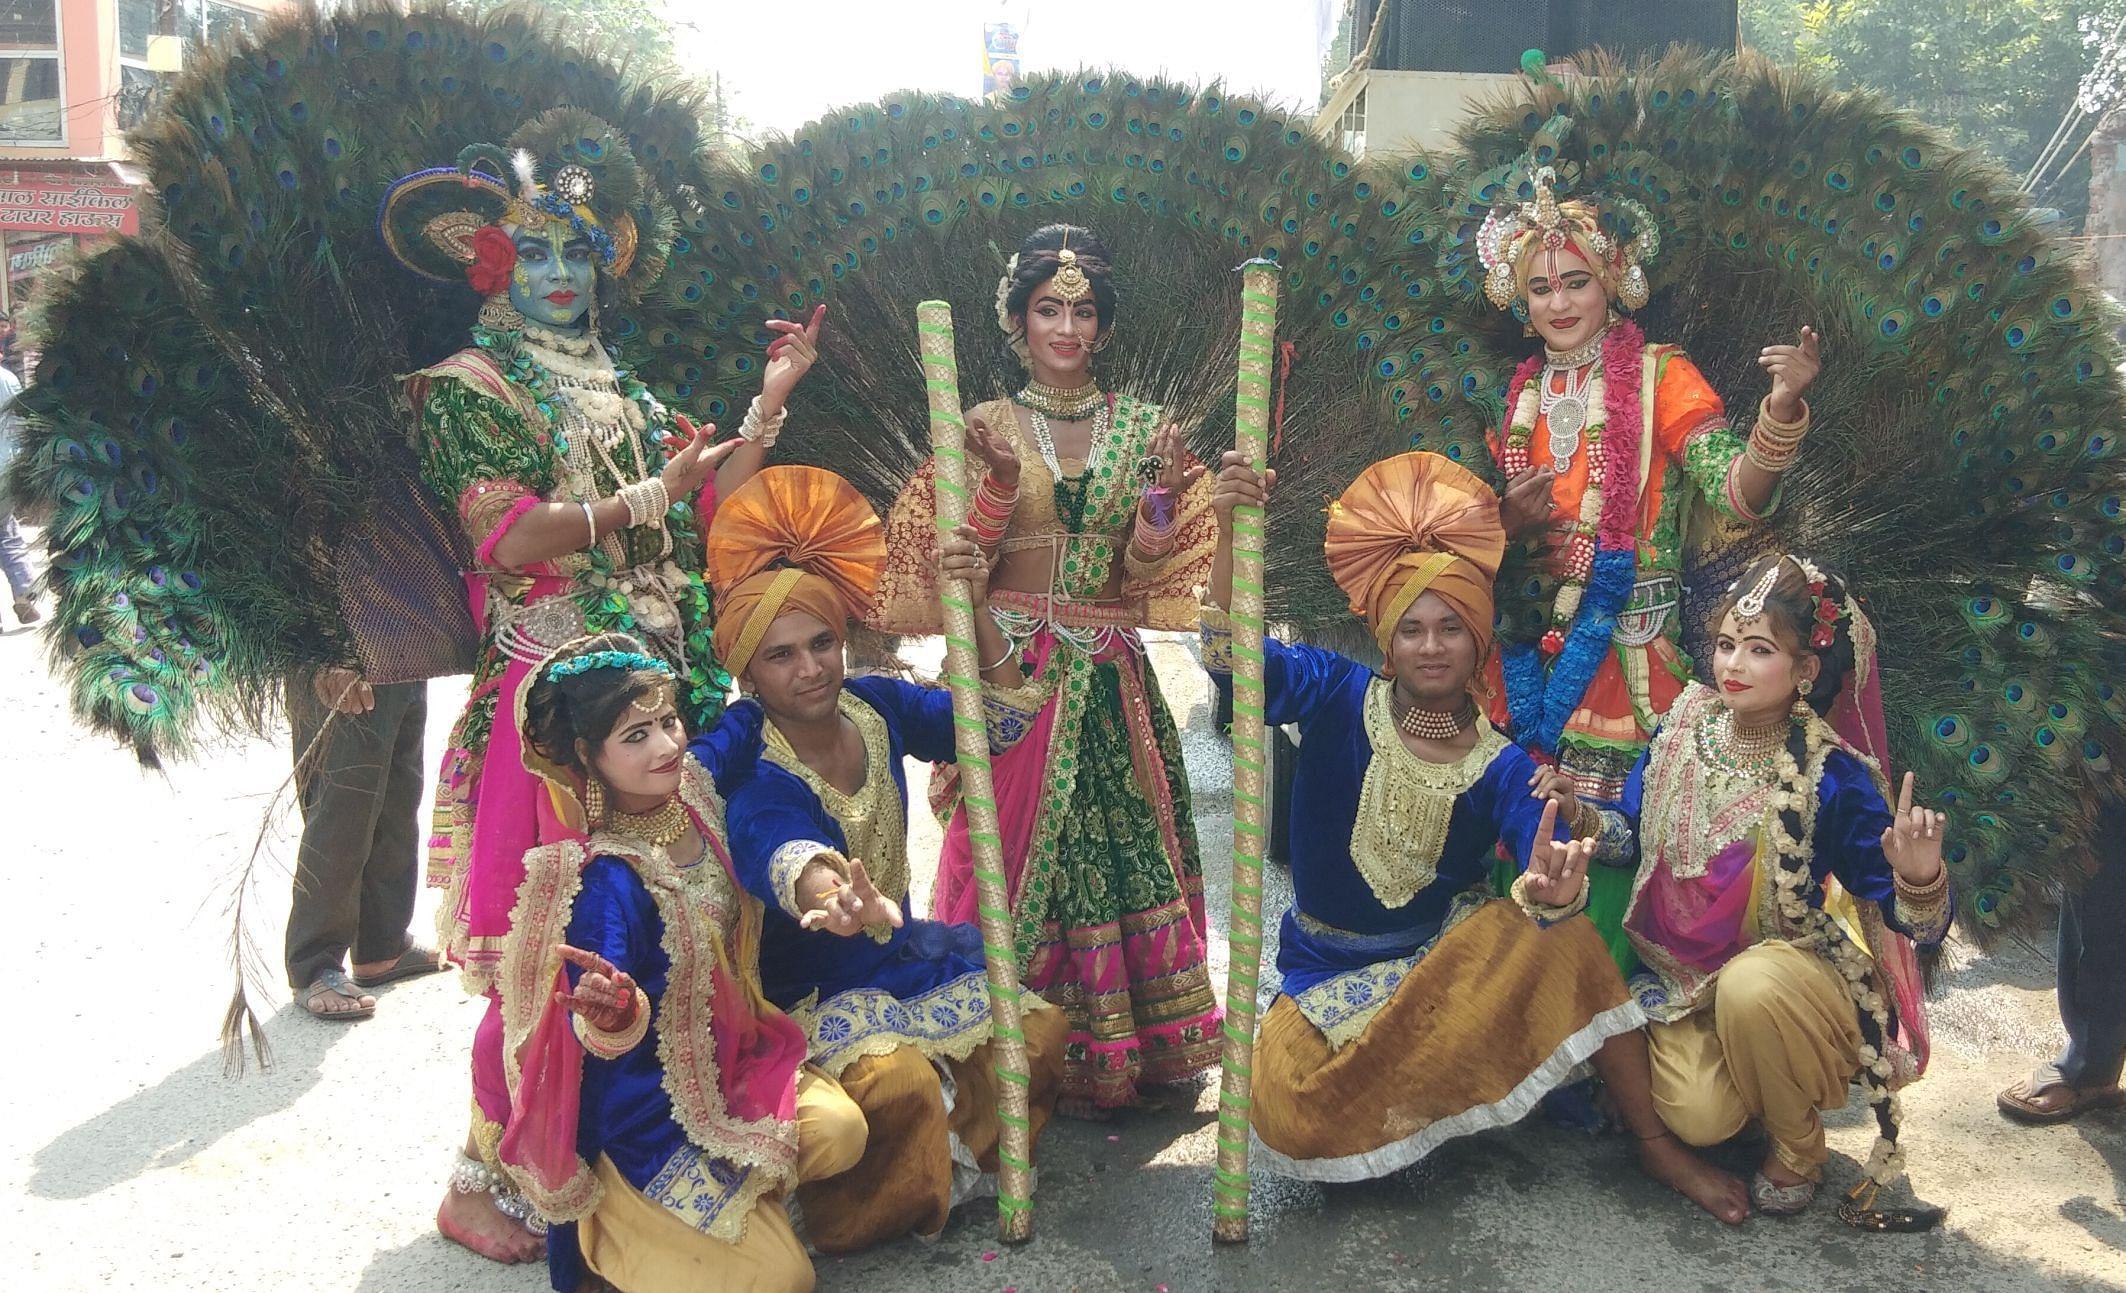 सितारगंज में आयोजित भव्य कलश यात्रा में सजी मोर नृत्य की झांकी।